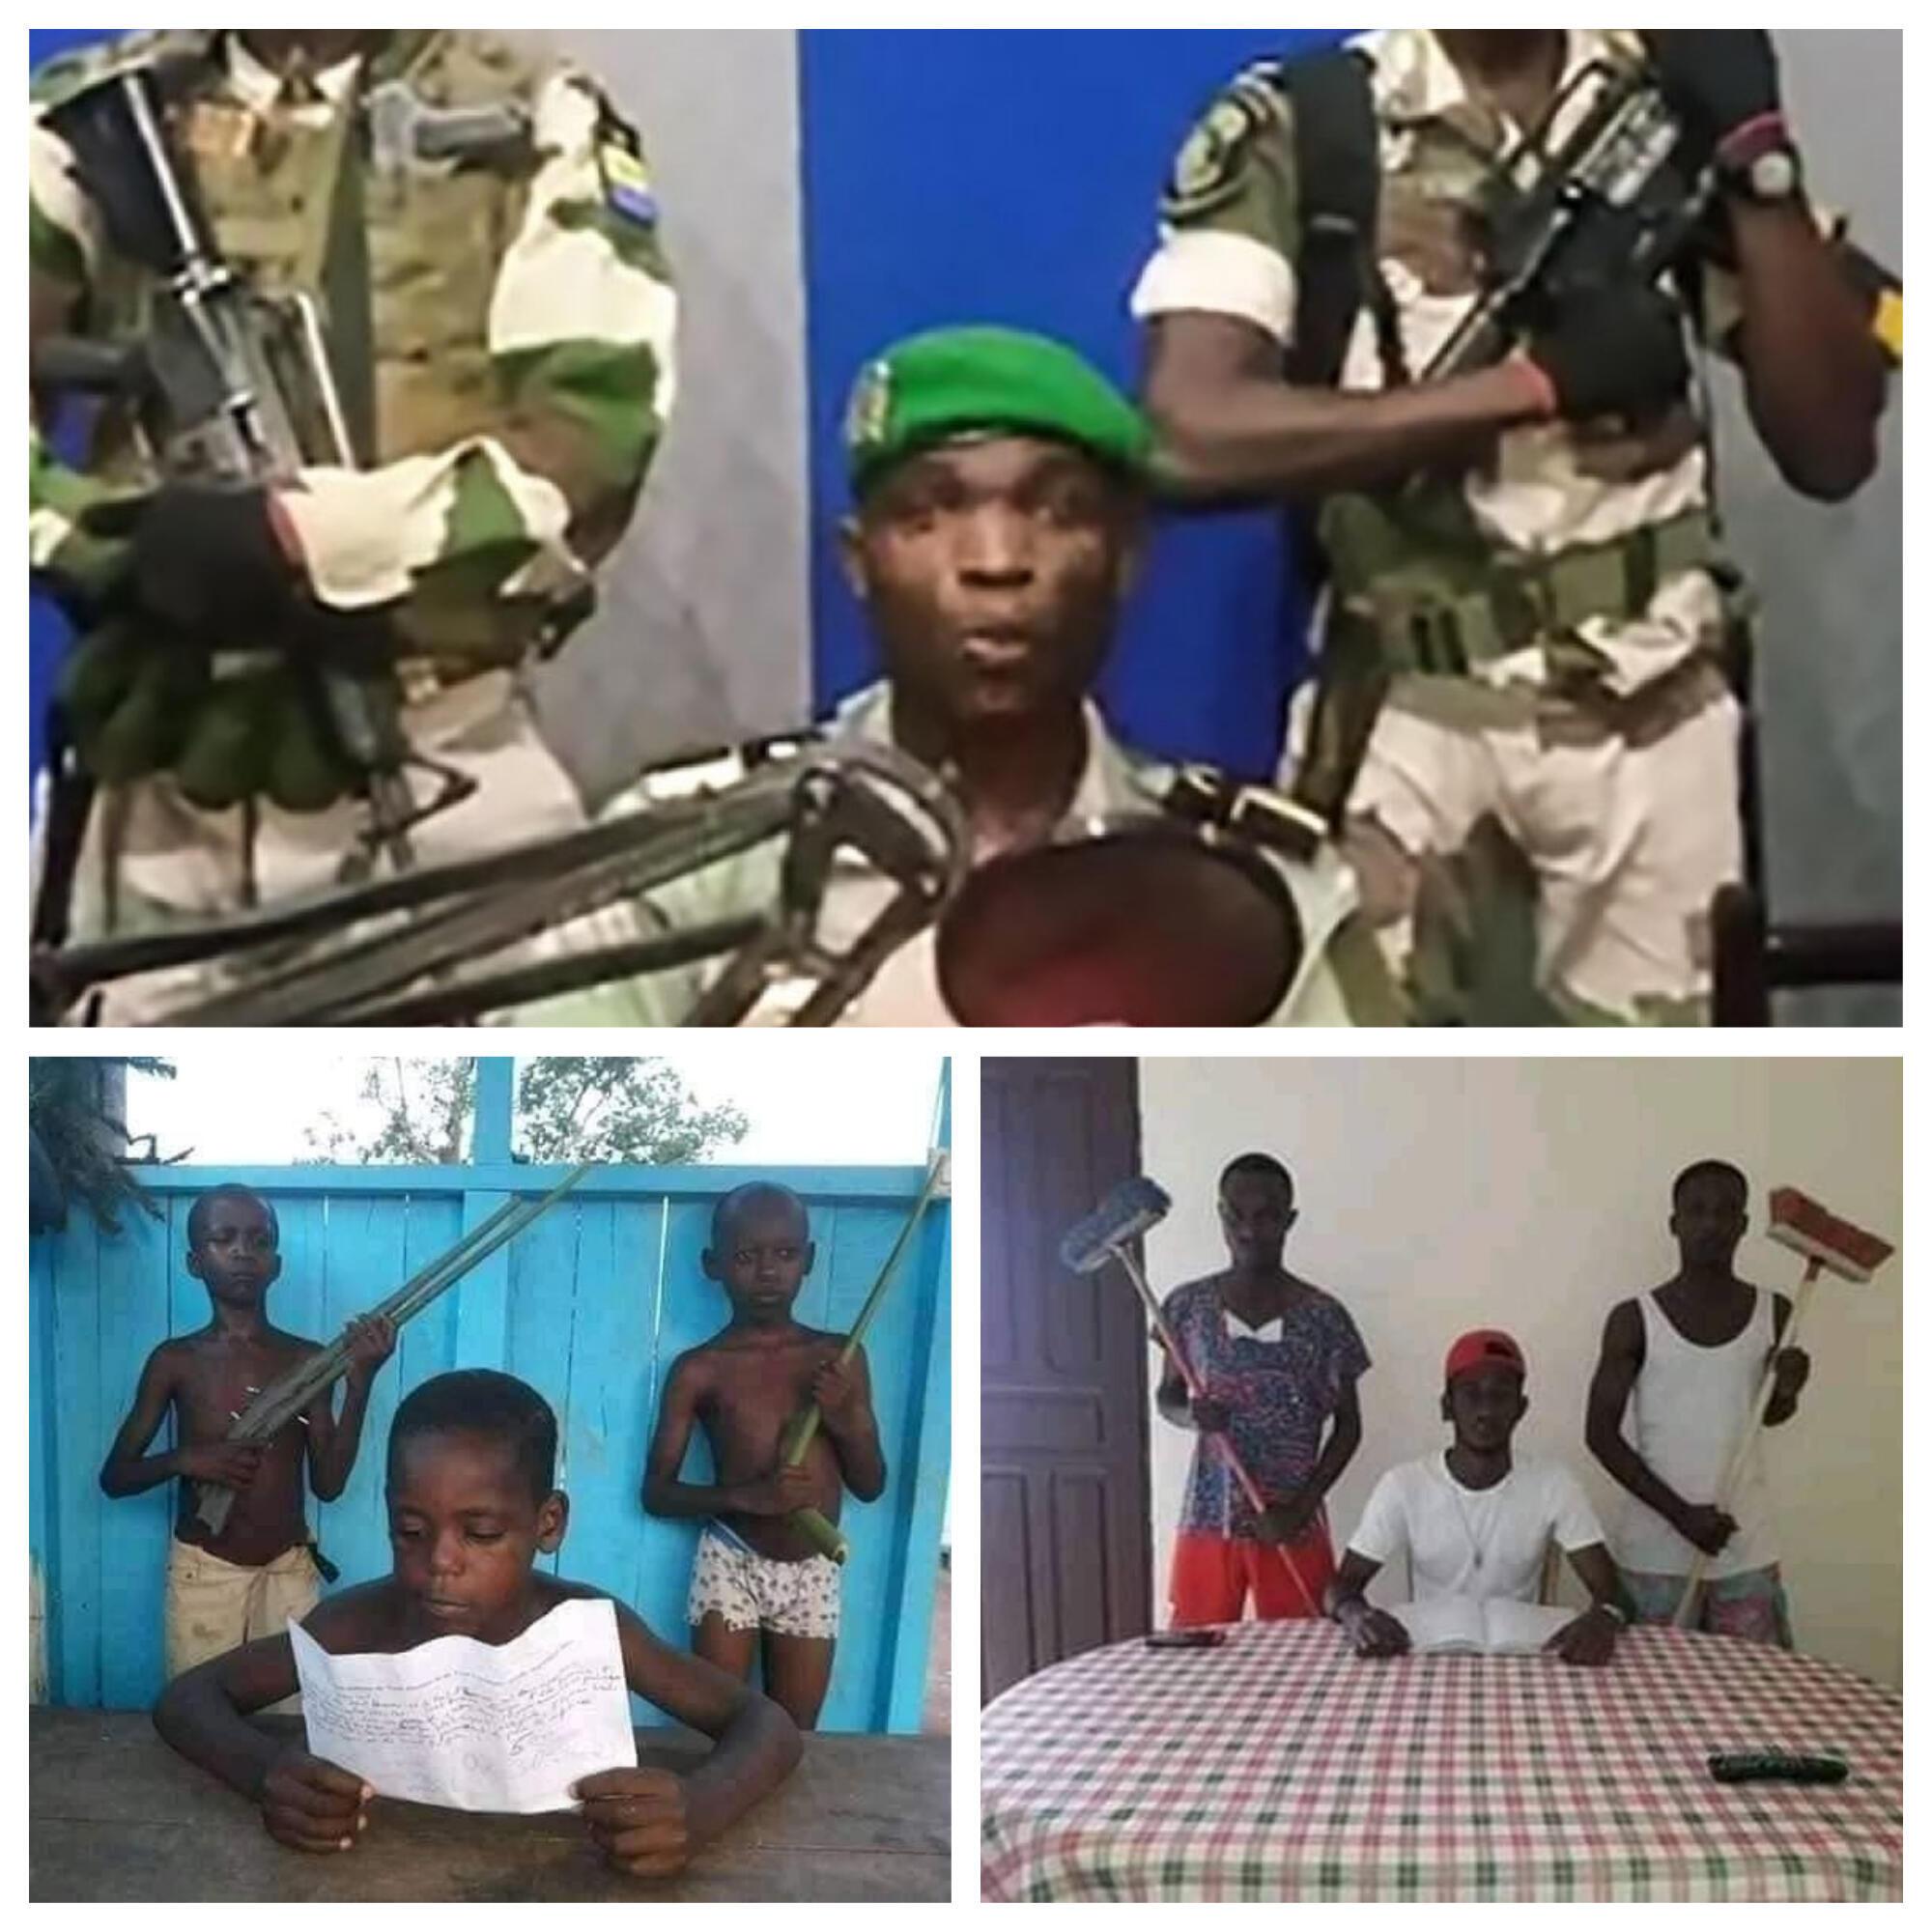 Les internautes africains rejouent la scène de l'allocution à la radio lors du putsch manqué au Gabon